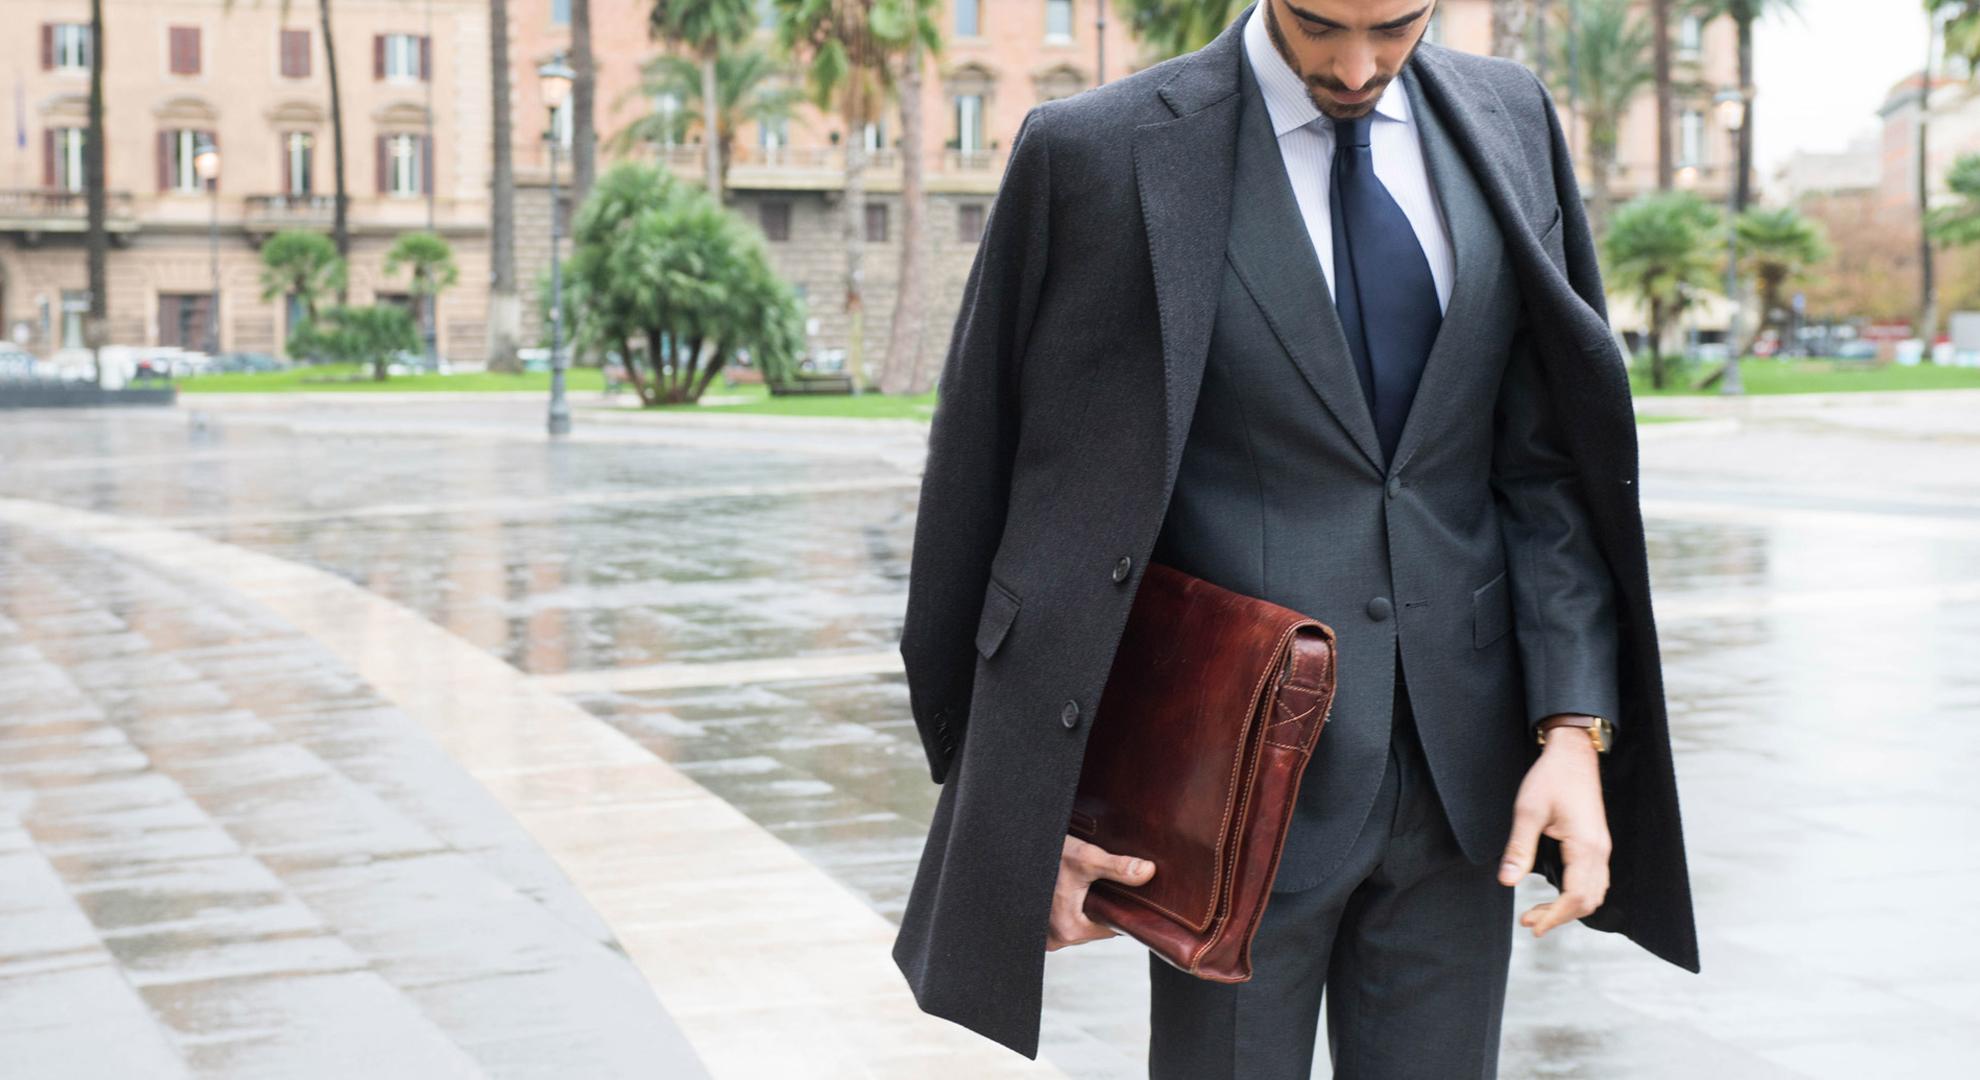 Cappotti sartoriali su misura online da uomo Made in Italy